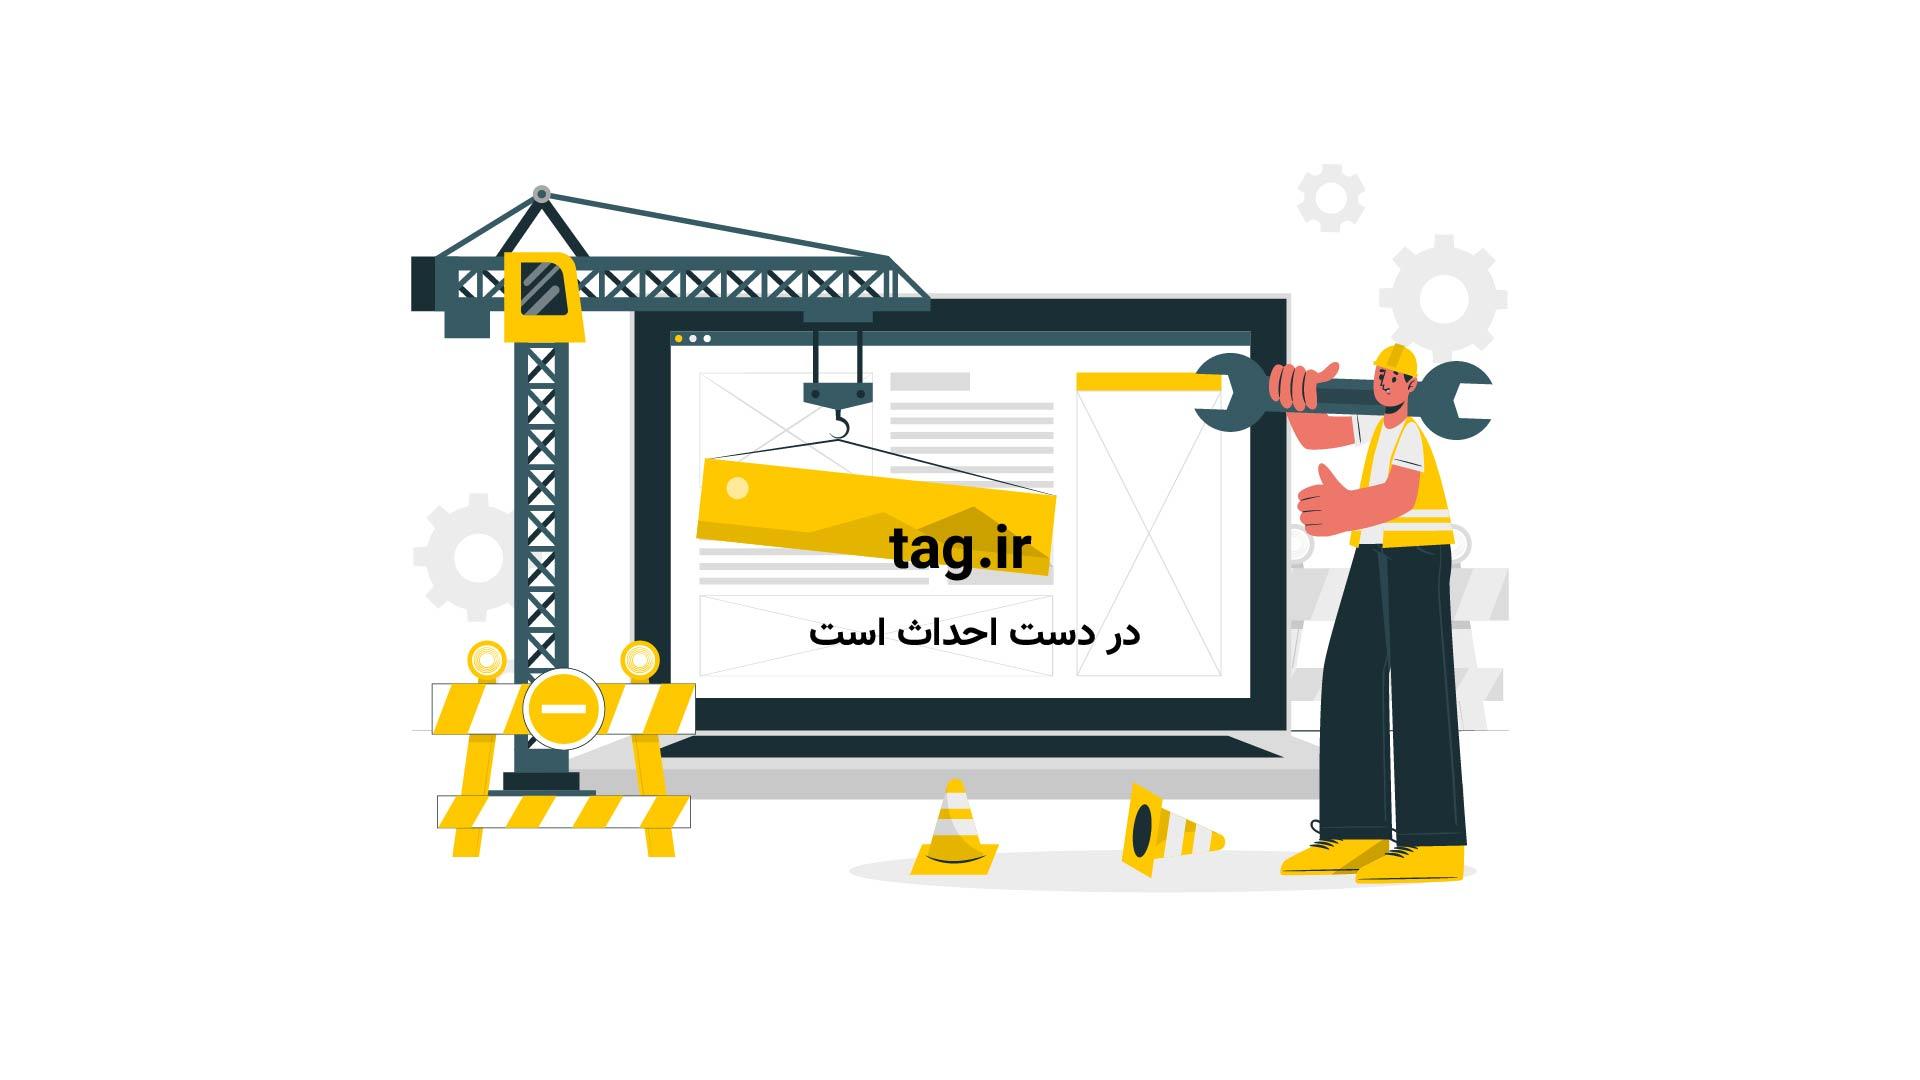 نمایشگاه رباتیک چین   تگ